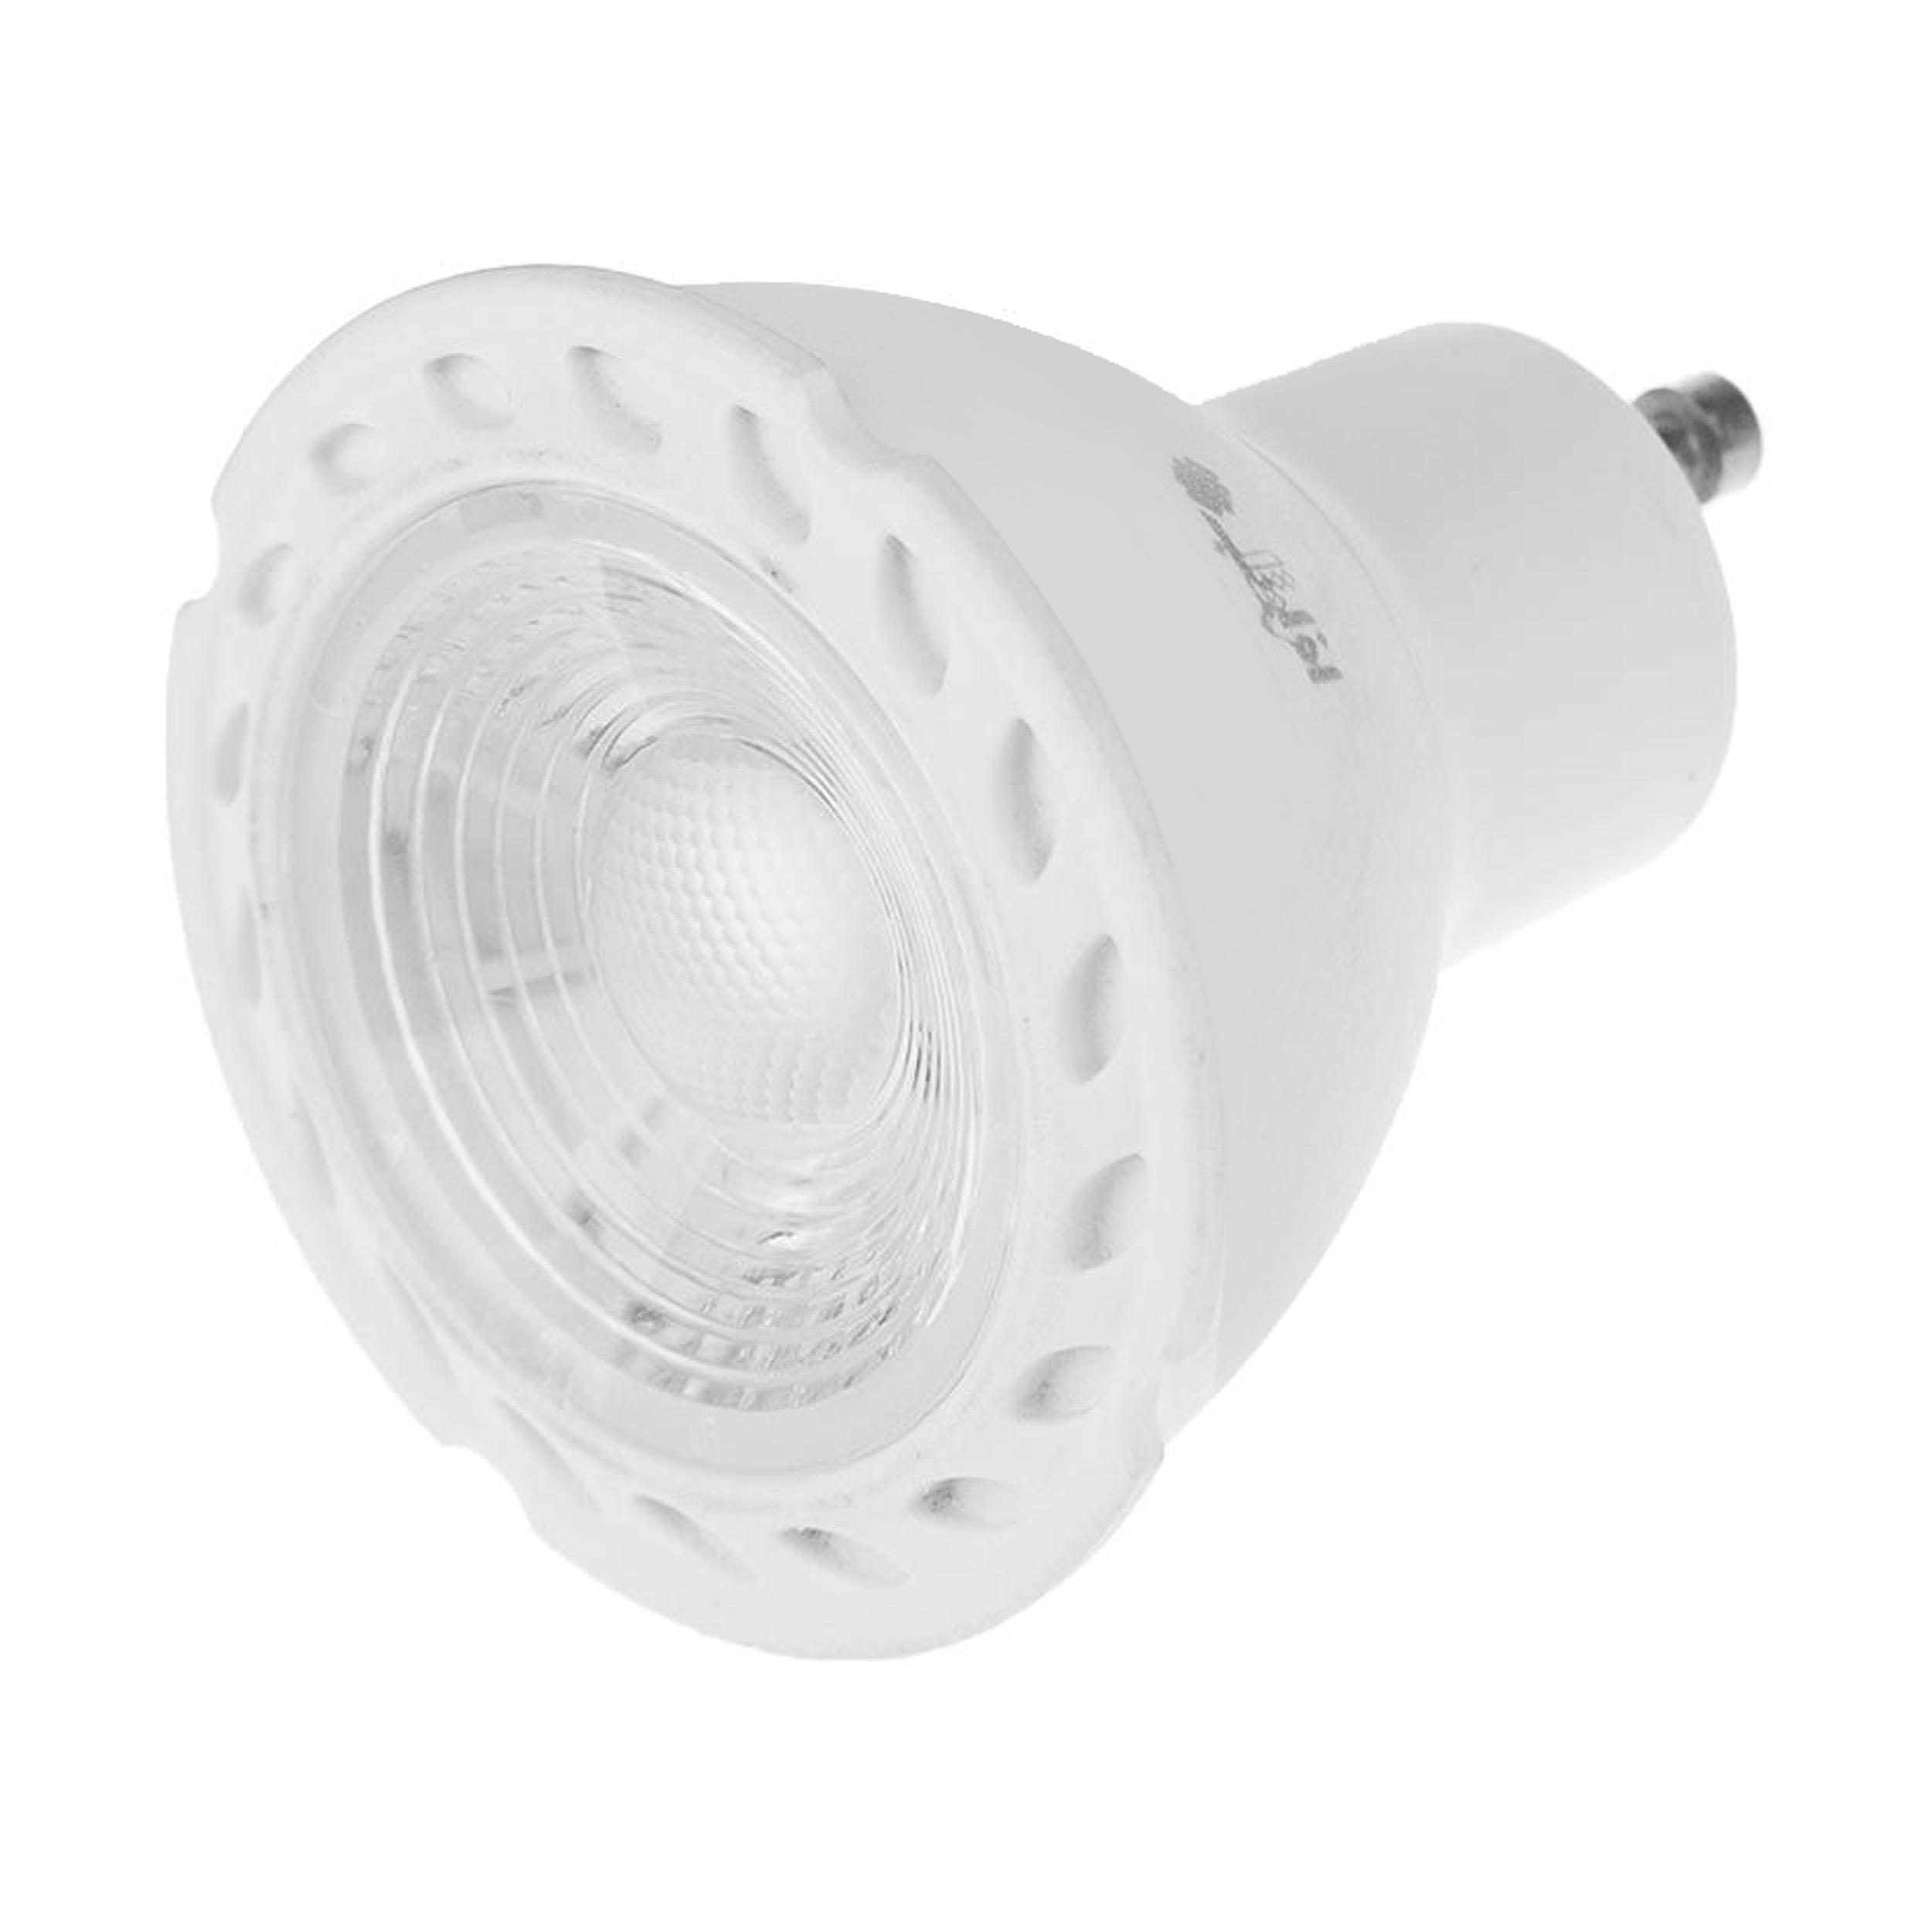 لامپ هالوژن ال ای دی 7 وات مدل AF-PS-0701-7W پایه GU10